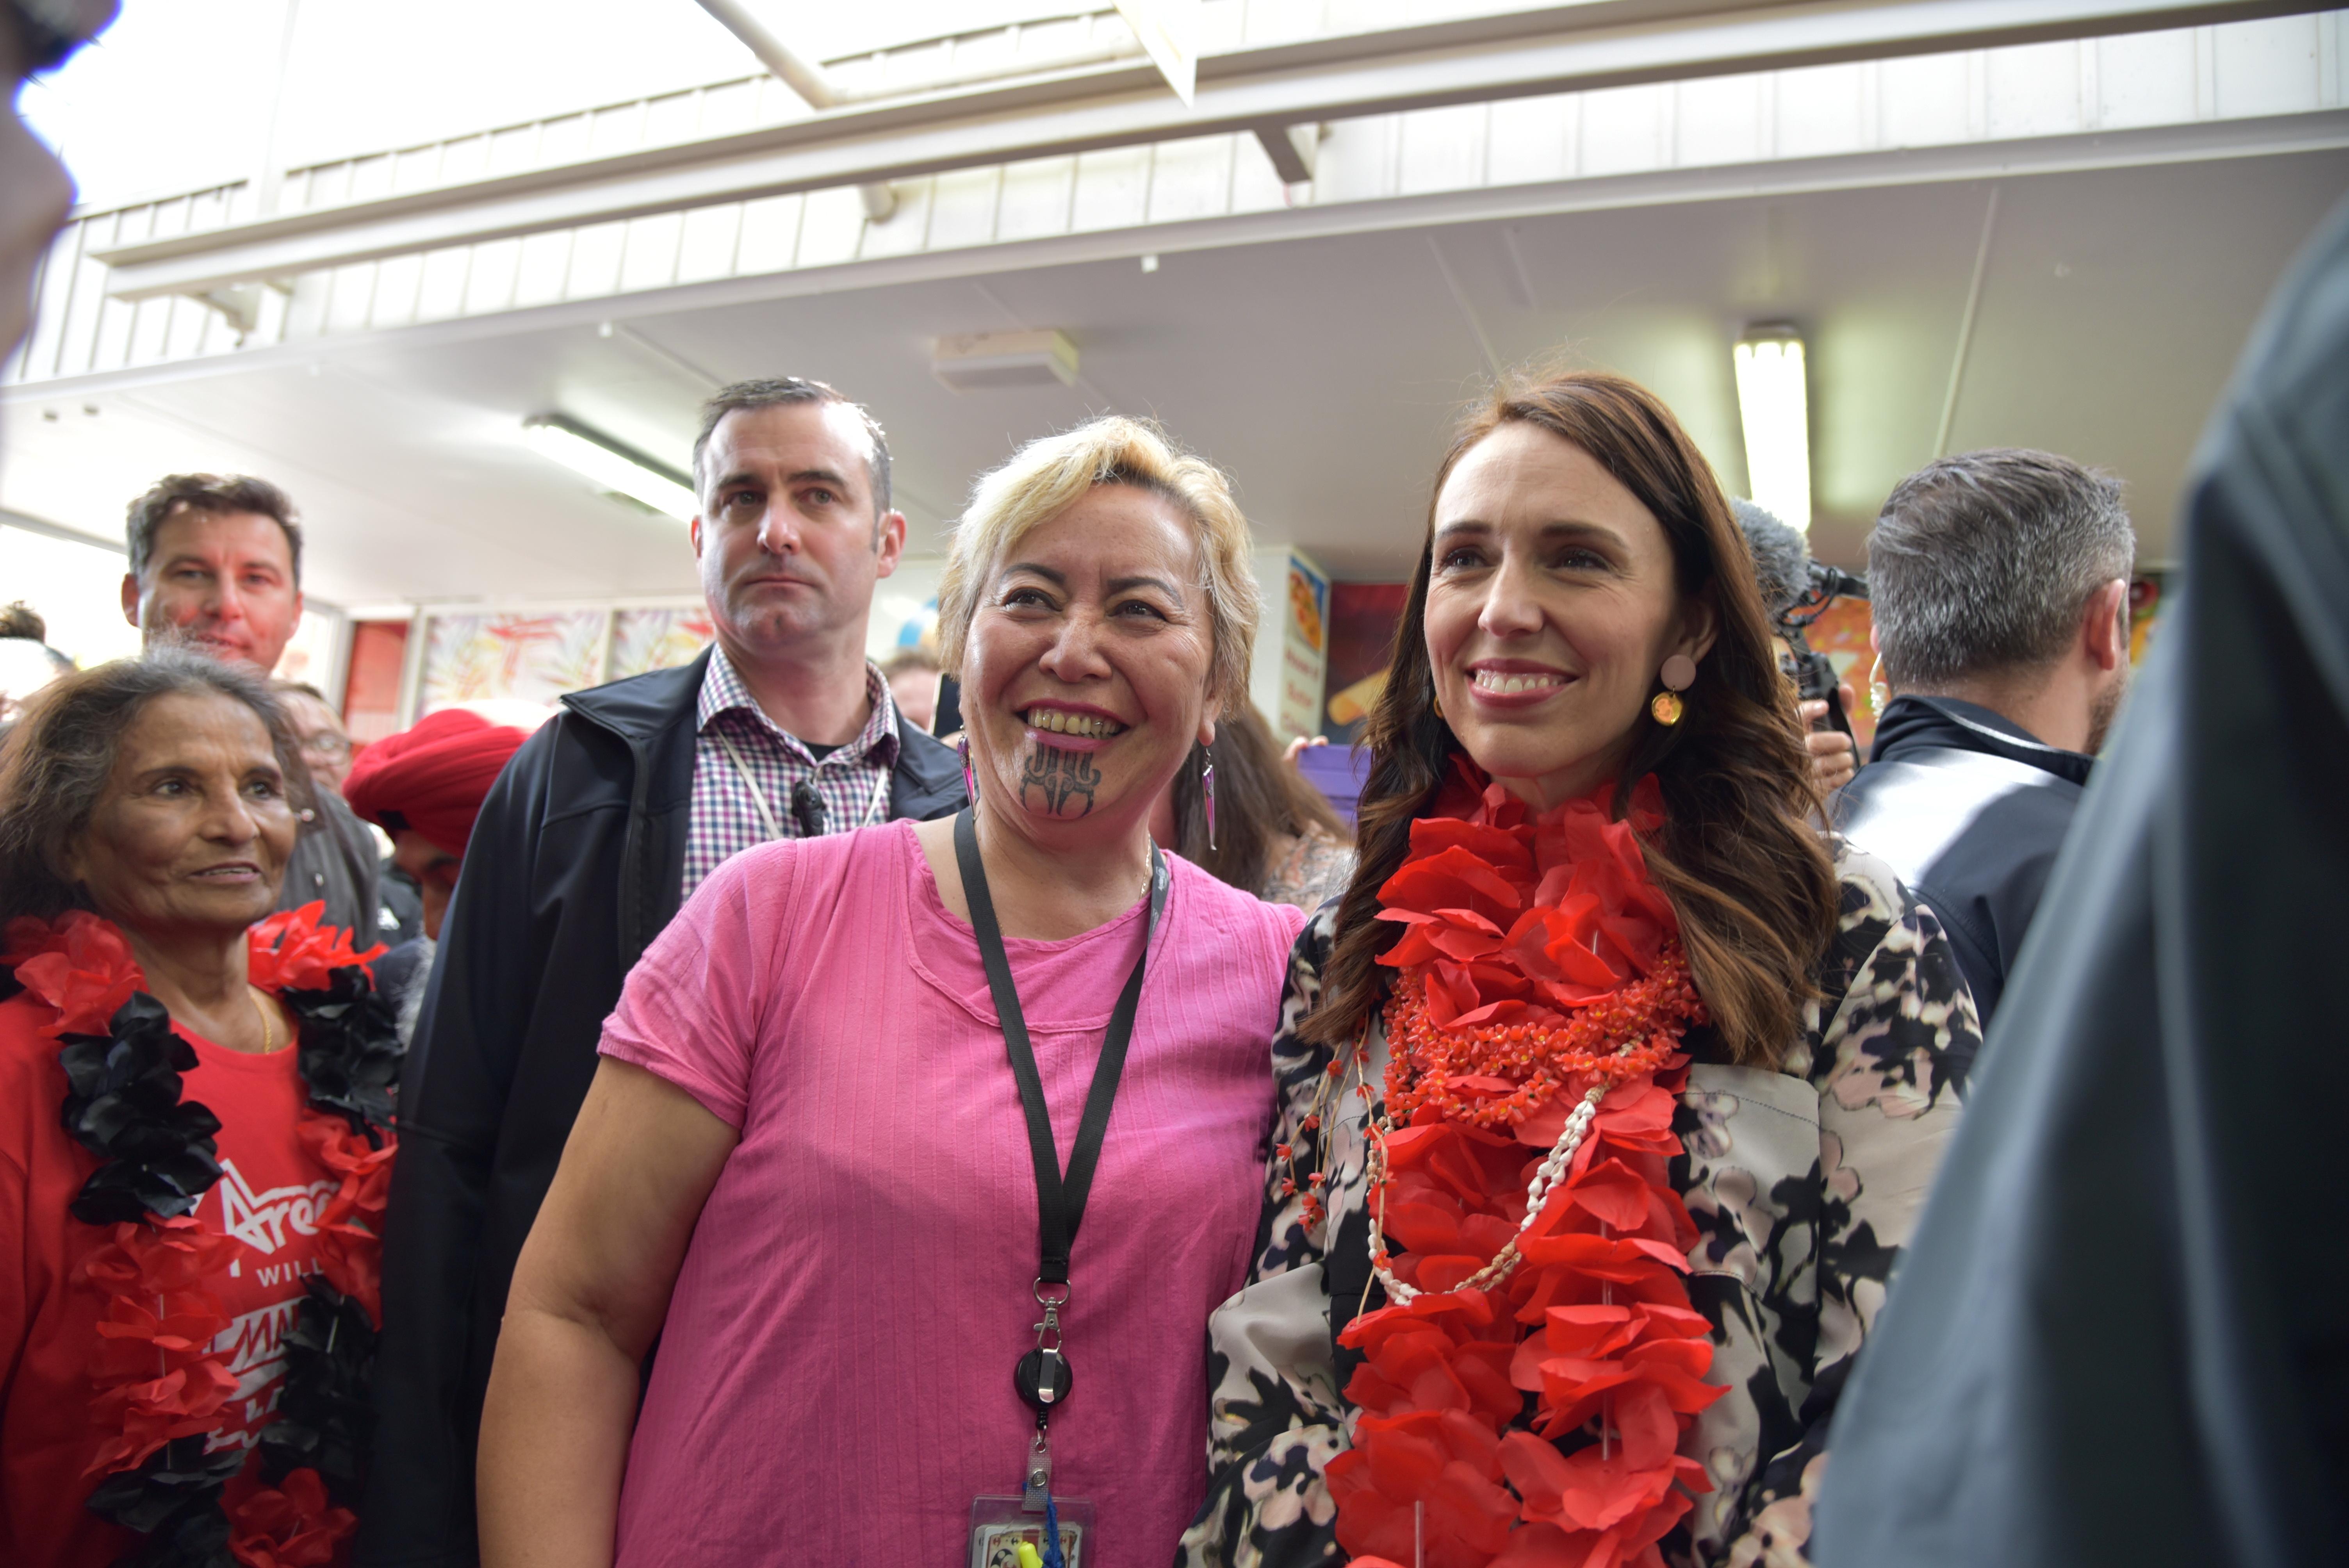 阿德恩(右)在选举前夕仍勤跑行程催票,她在奥克兰扫街受到热烈欢迎,有人伸手拥抱她,有人抢着与她自拍合照。-路透社-